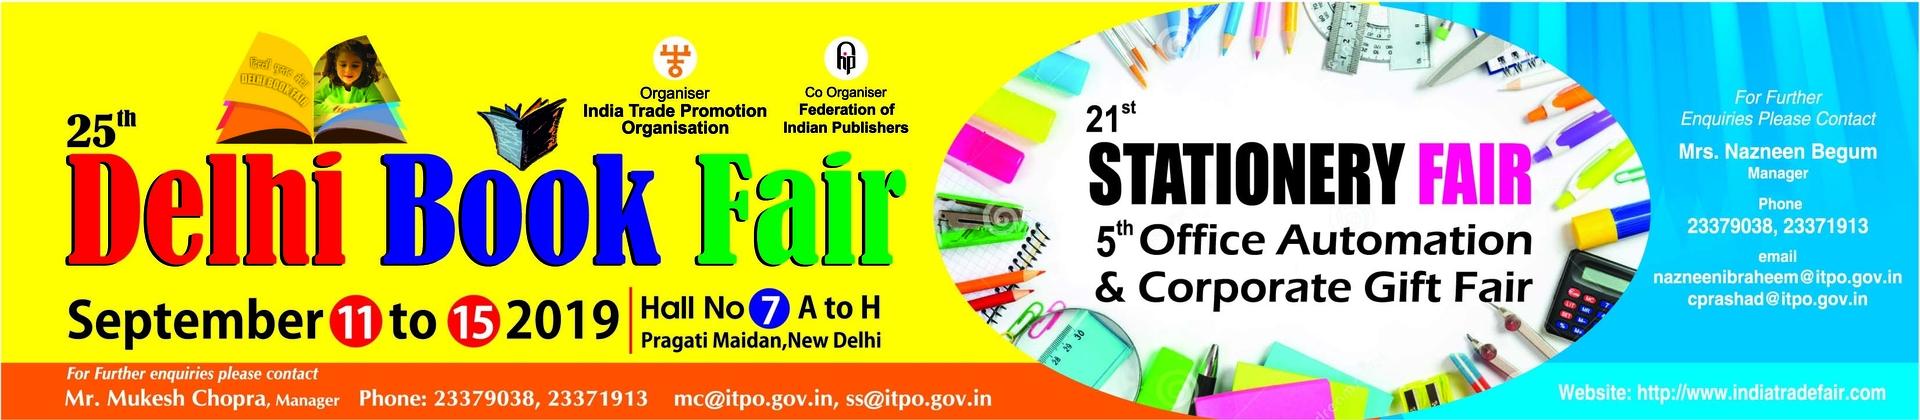 ITPO -Delhi Book Fair